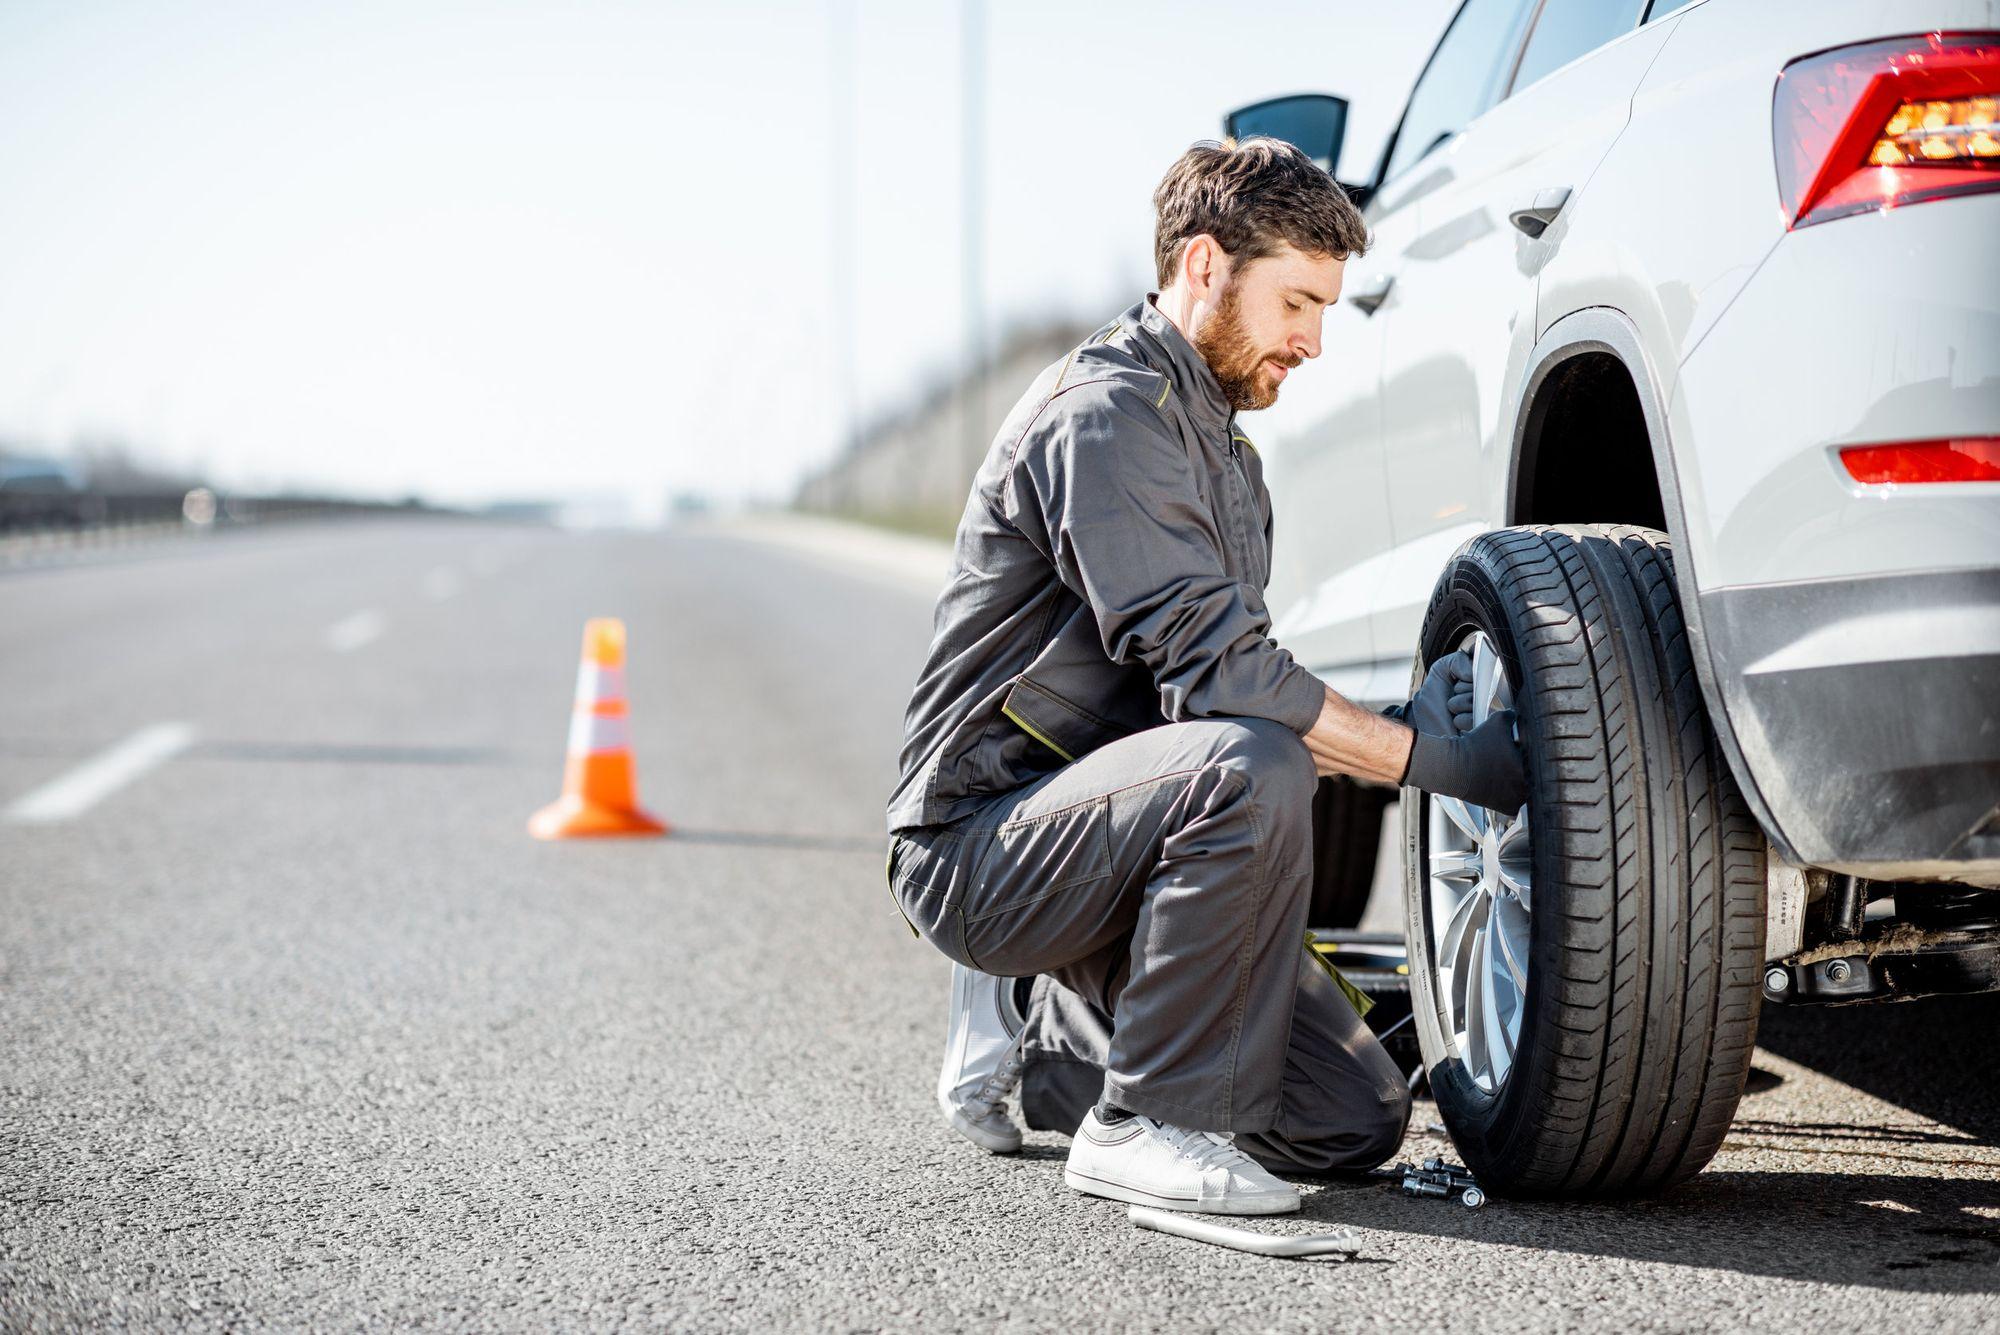 Pasos para cambiar un neumático y sus cuidados de mantenimiento